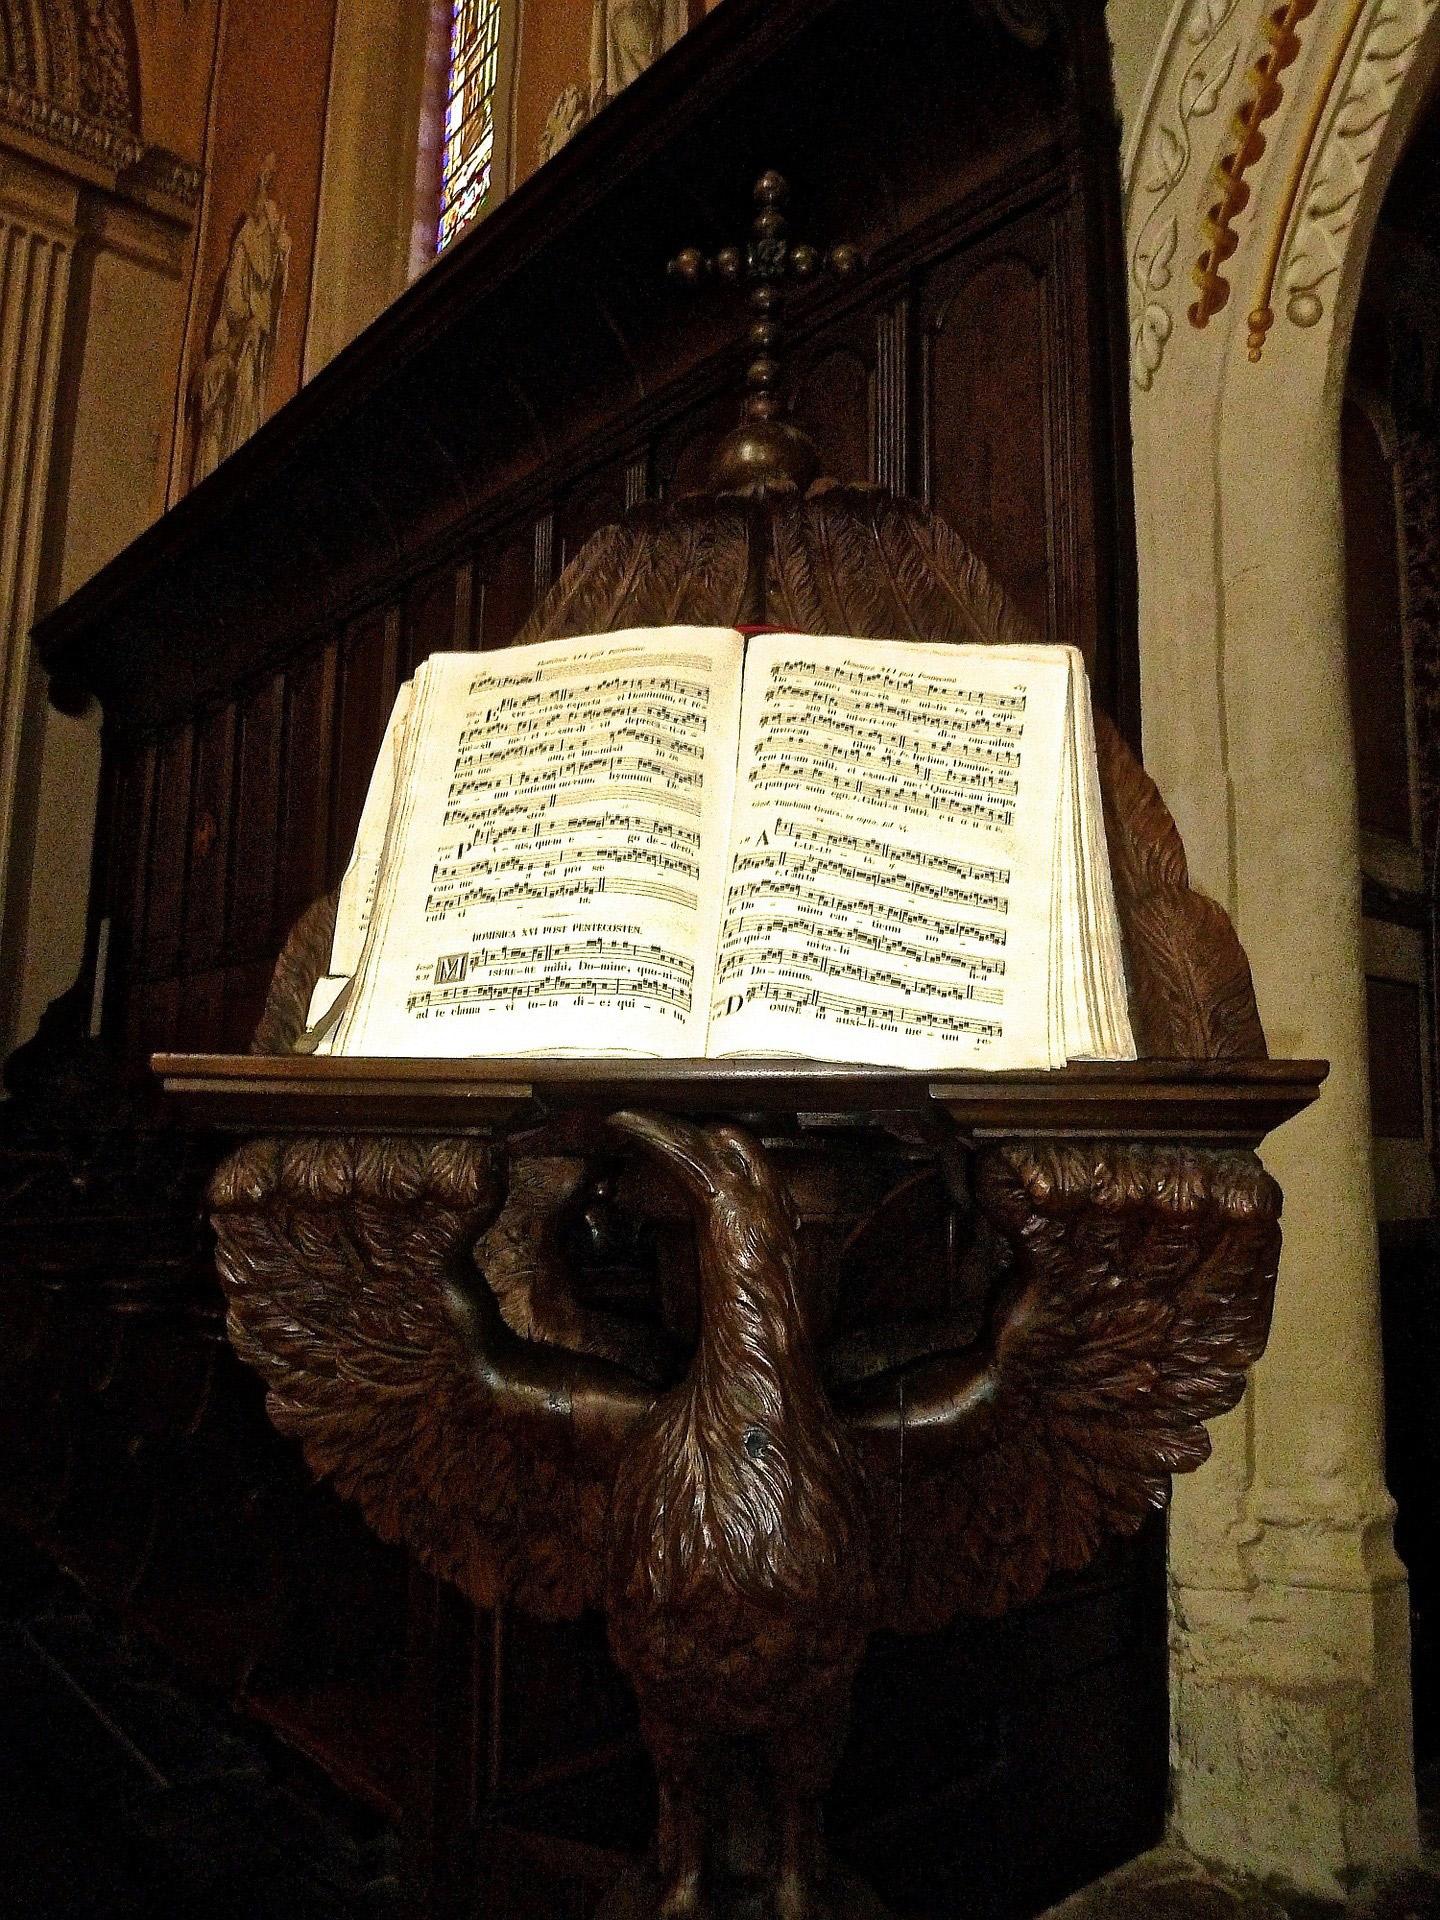 messe d'enterrement en chant église obsèques religieuses cérémonie catholique funéraire musique chant obsèques aria